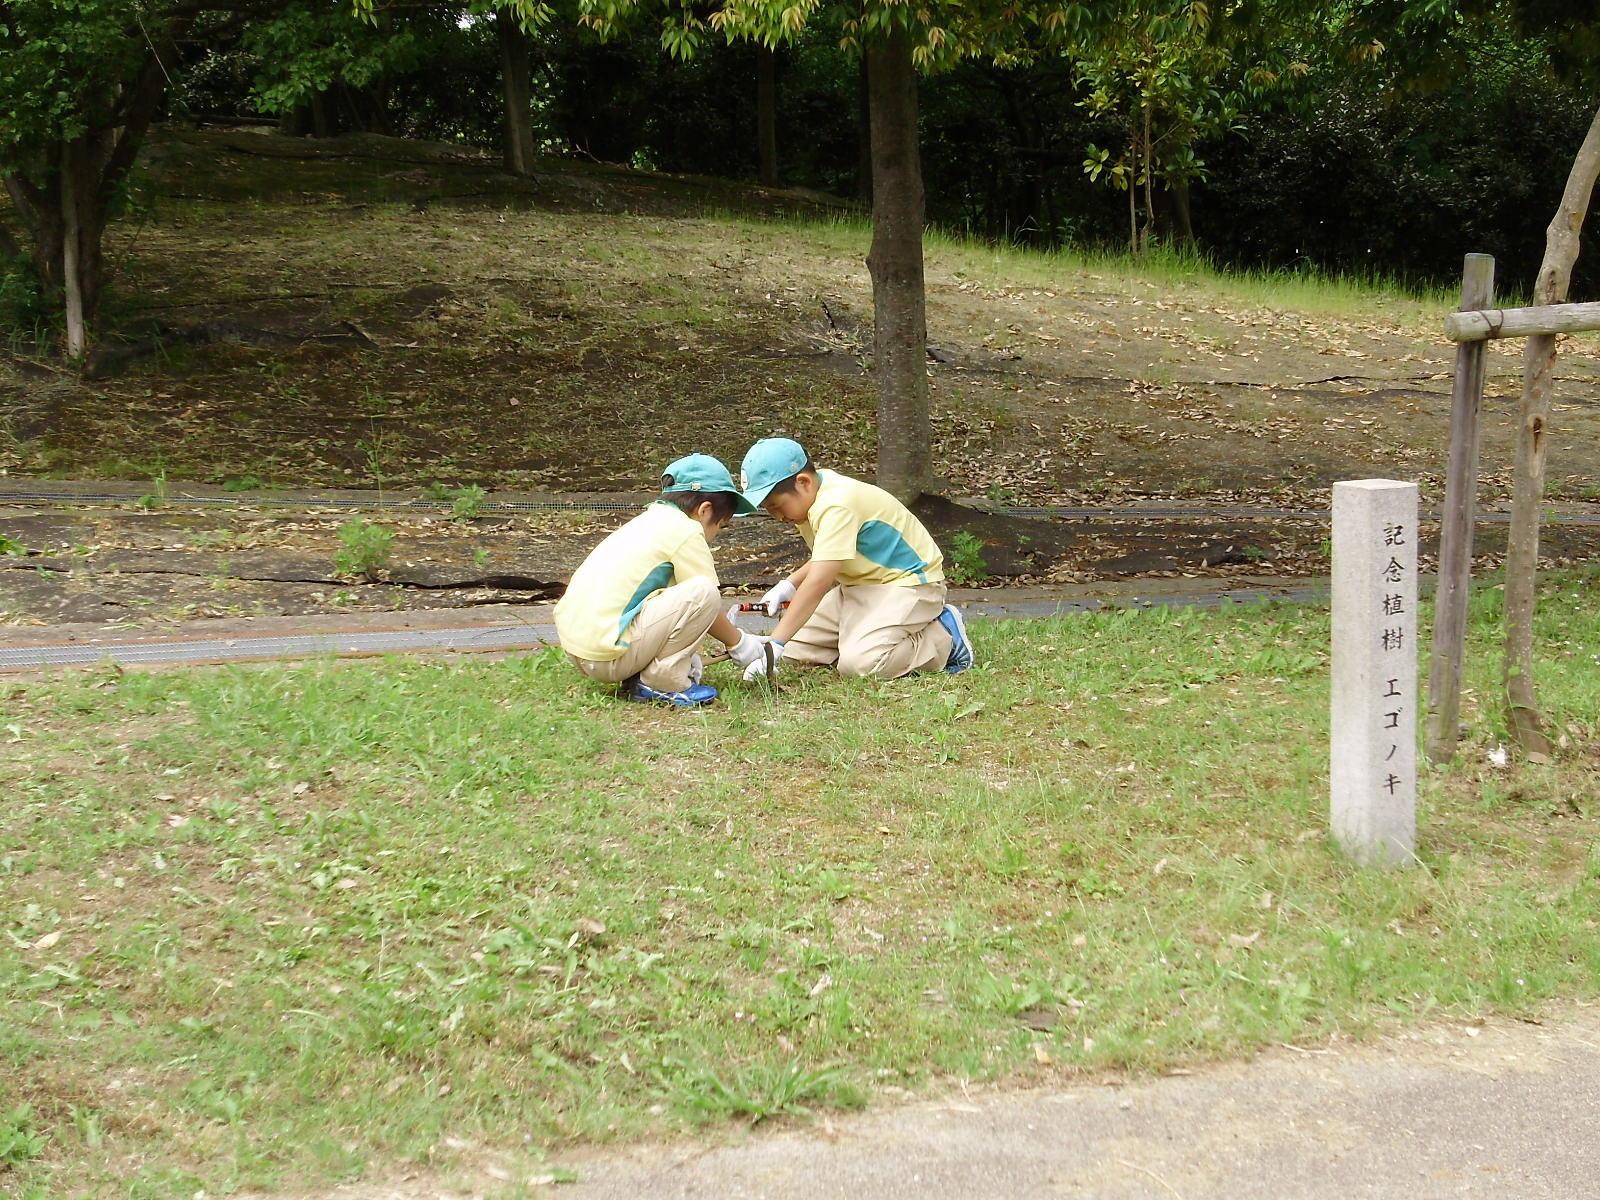 市民の森清掃ボランティア